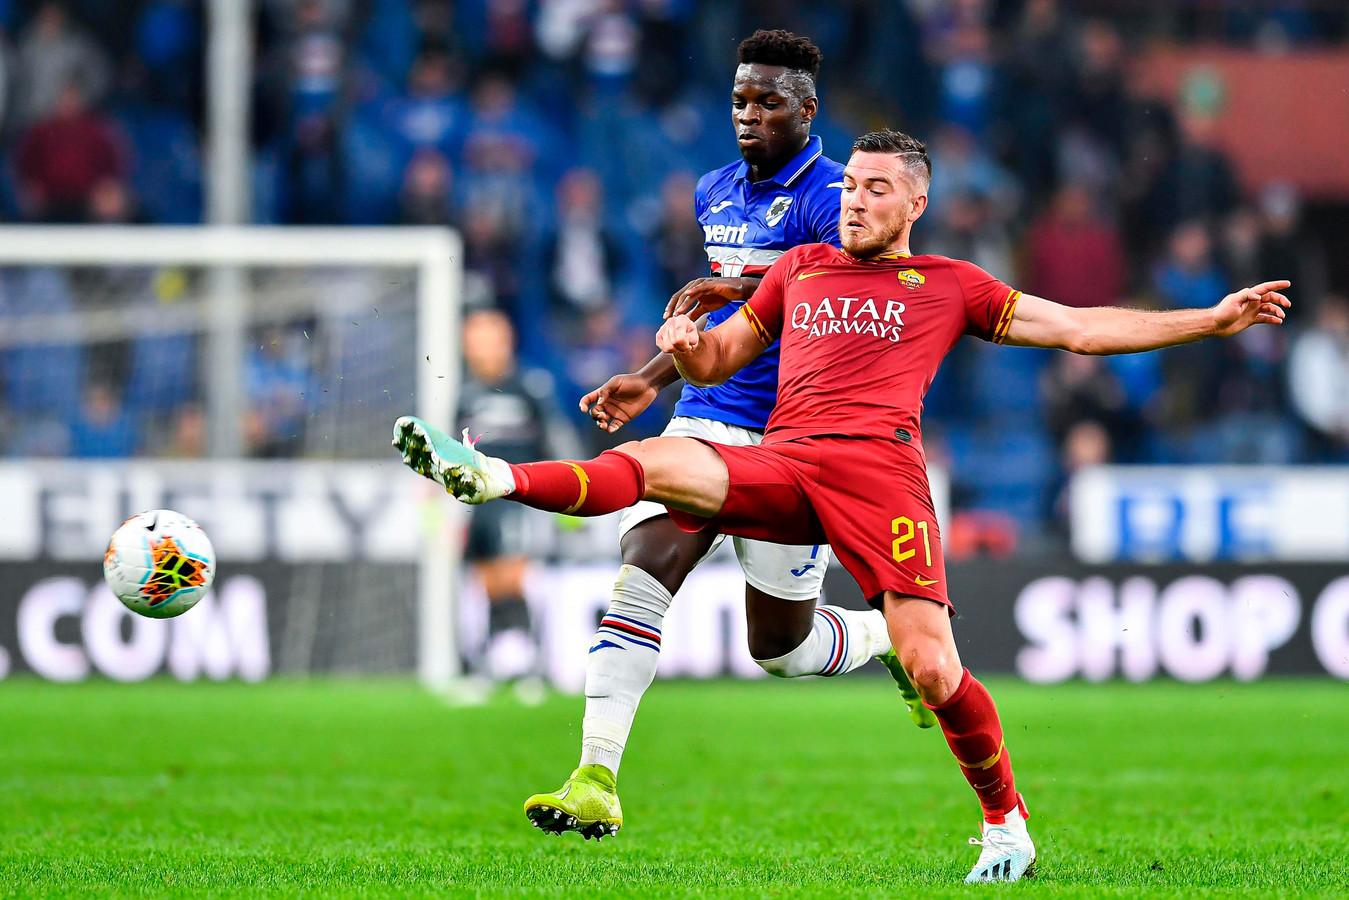 Ronaldo Vieira zit er kort op bij Jordan Veretout.